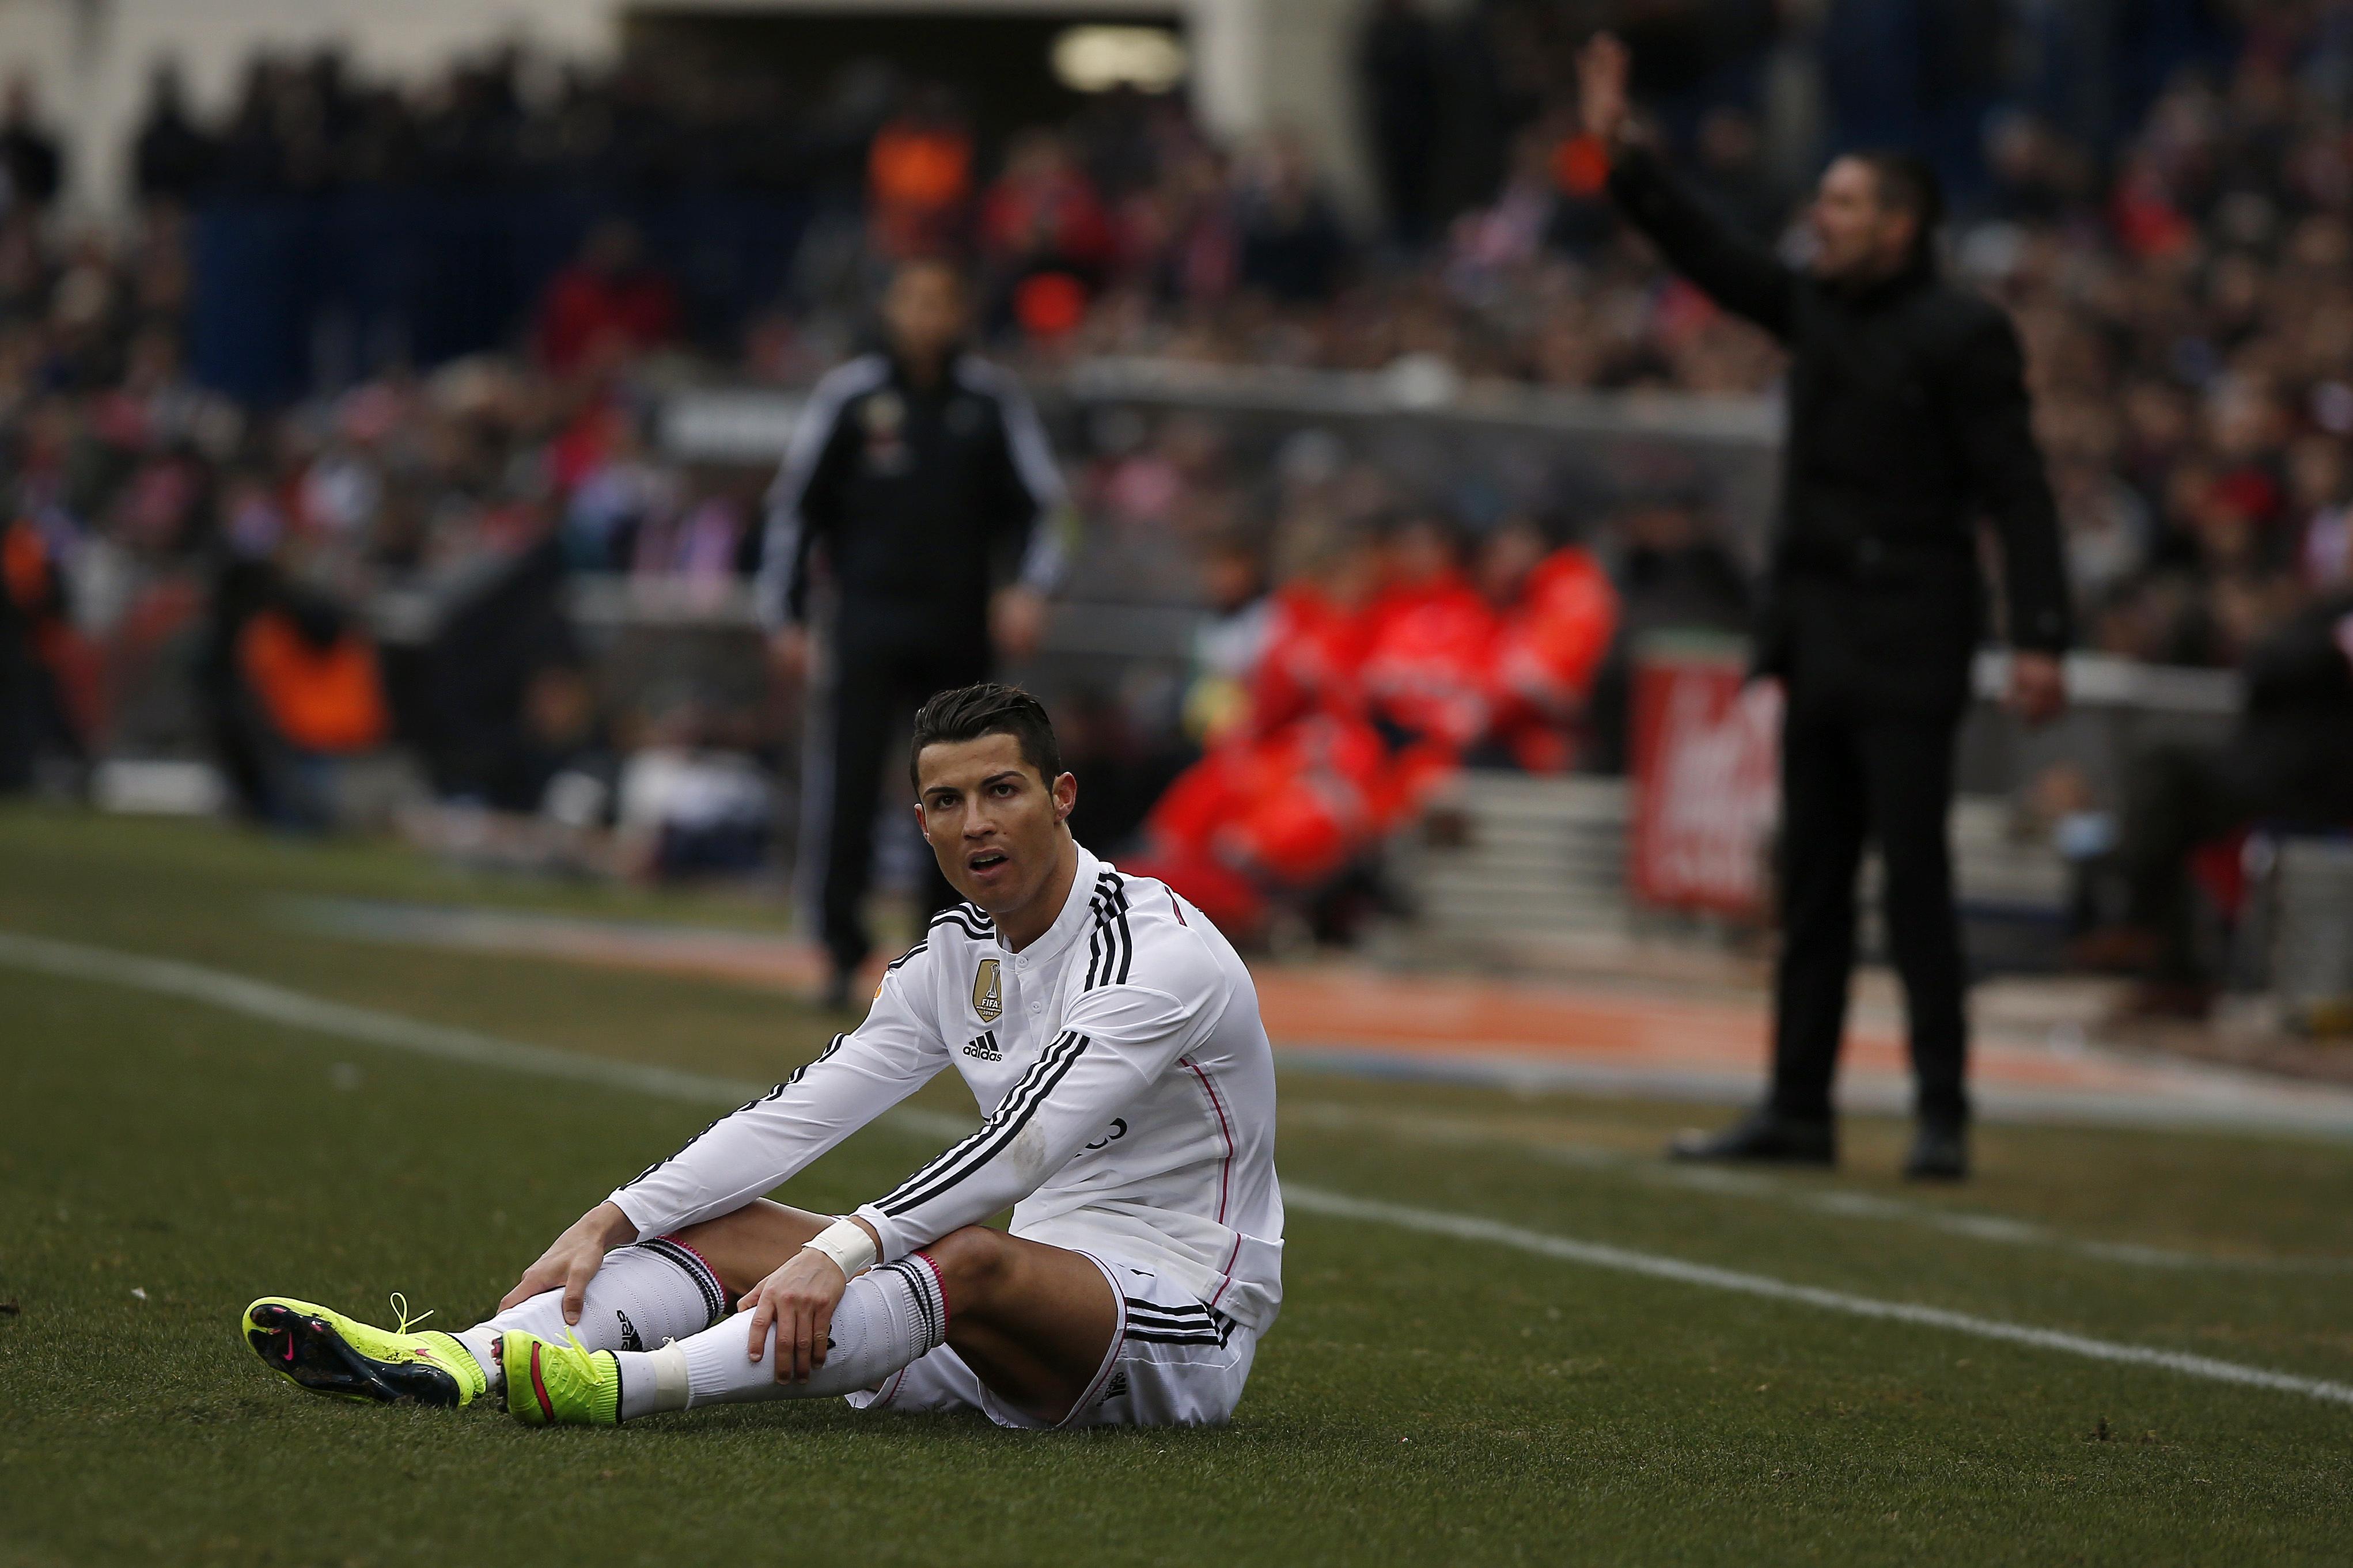 Cristiano Ronaldo, tudo sobre o melhor jogador do mundo em curso